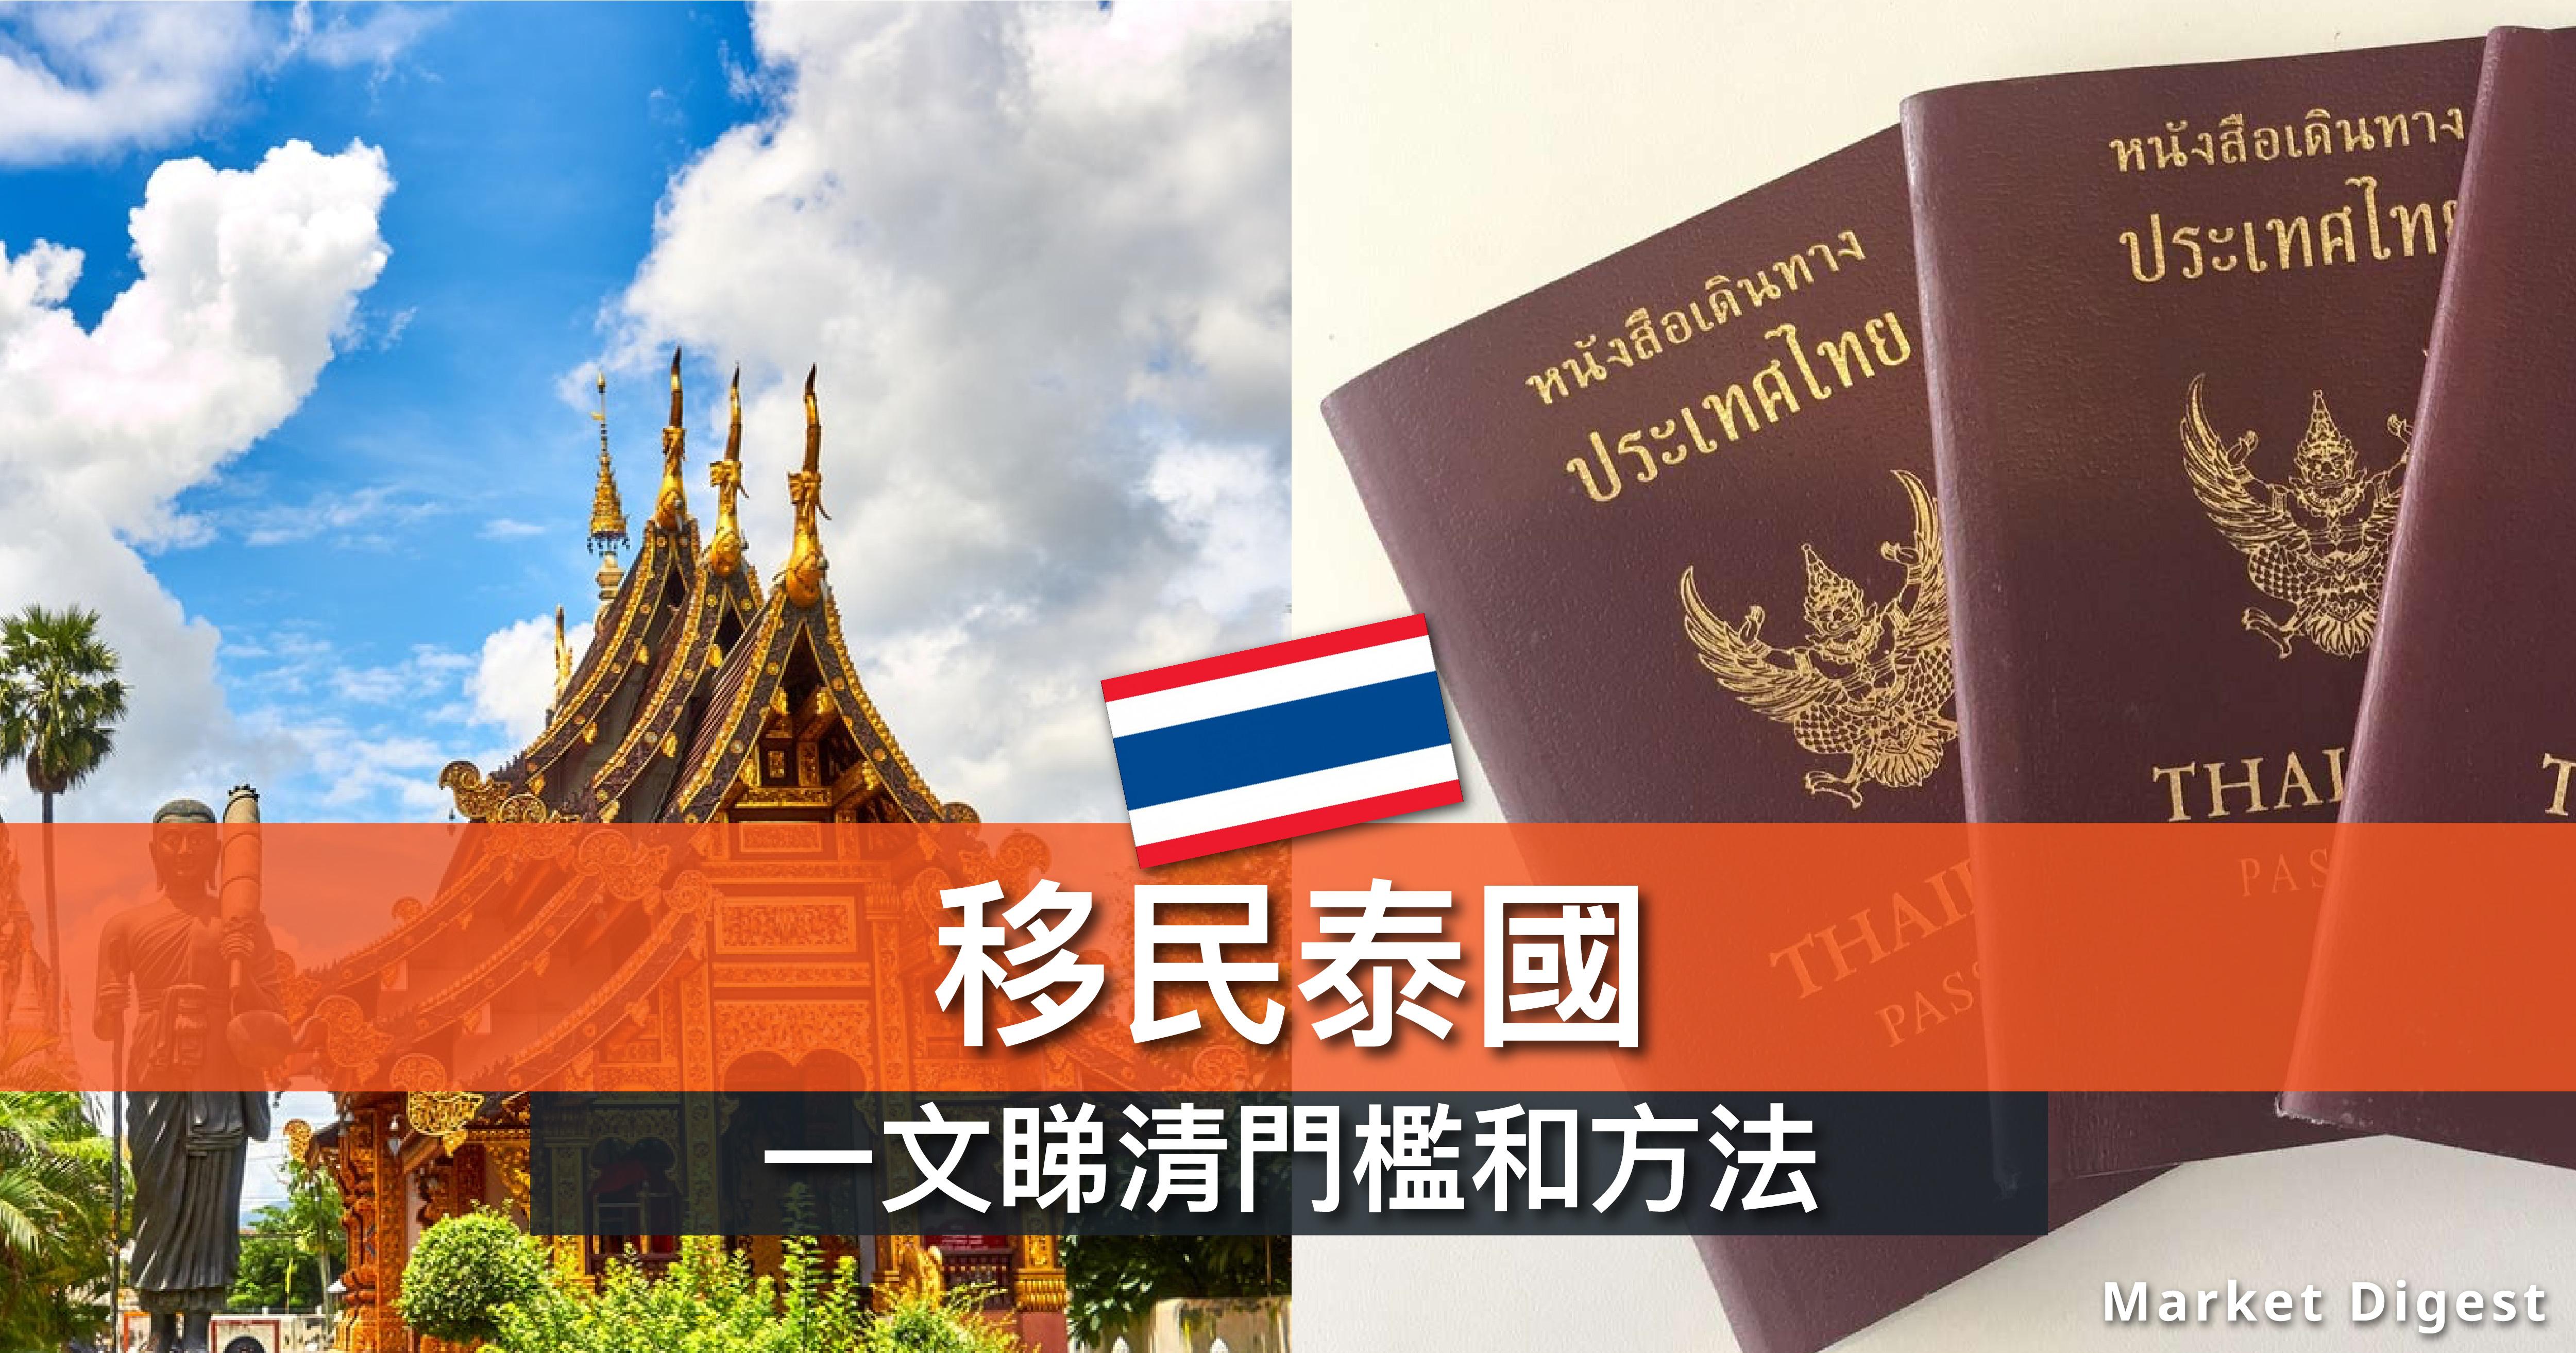 移民泰國 一文睇清門檻和方法